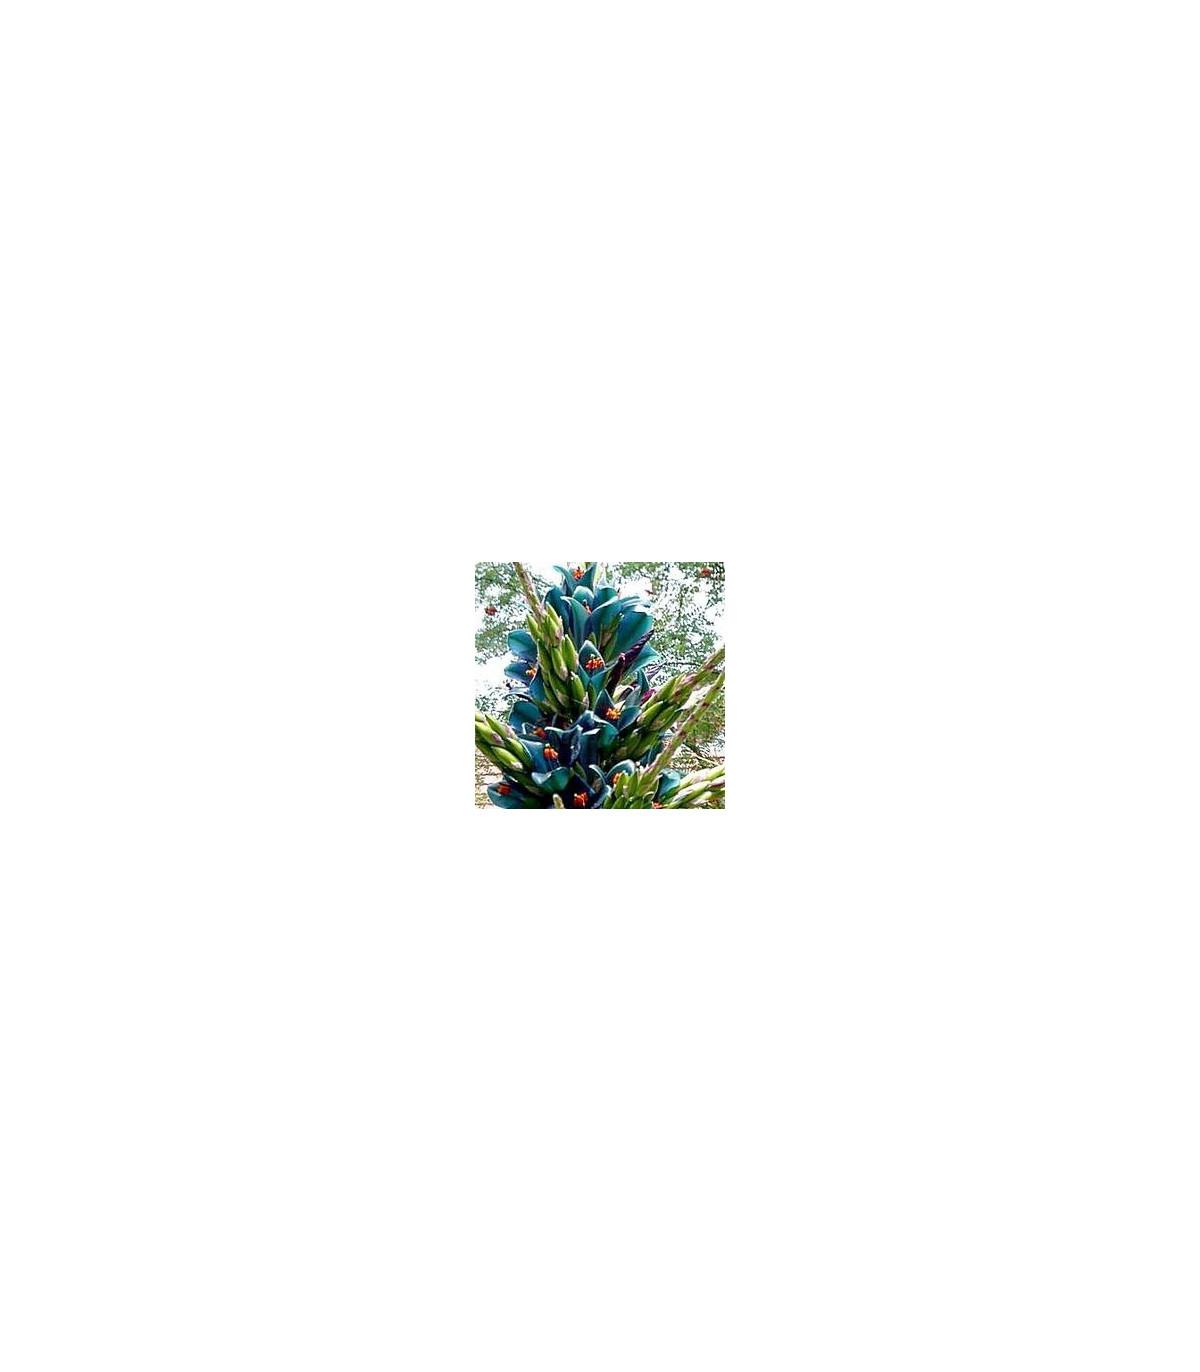 Puya Berteroniana - semena - 5 ks